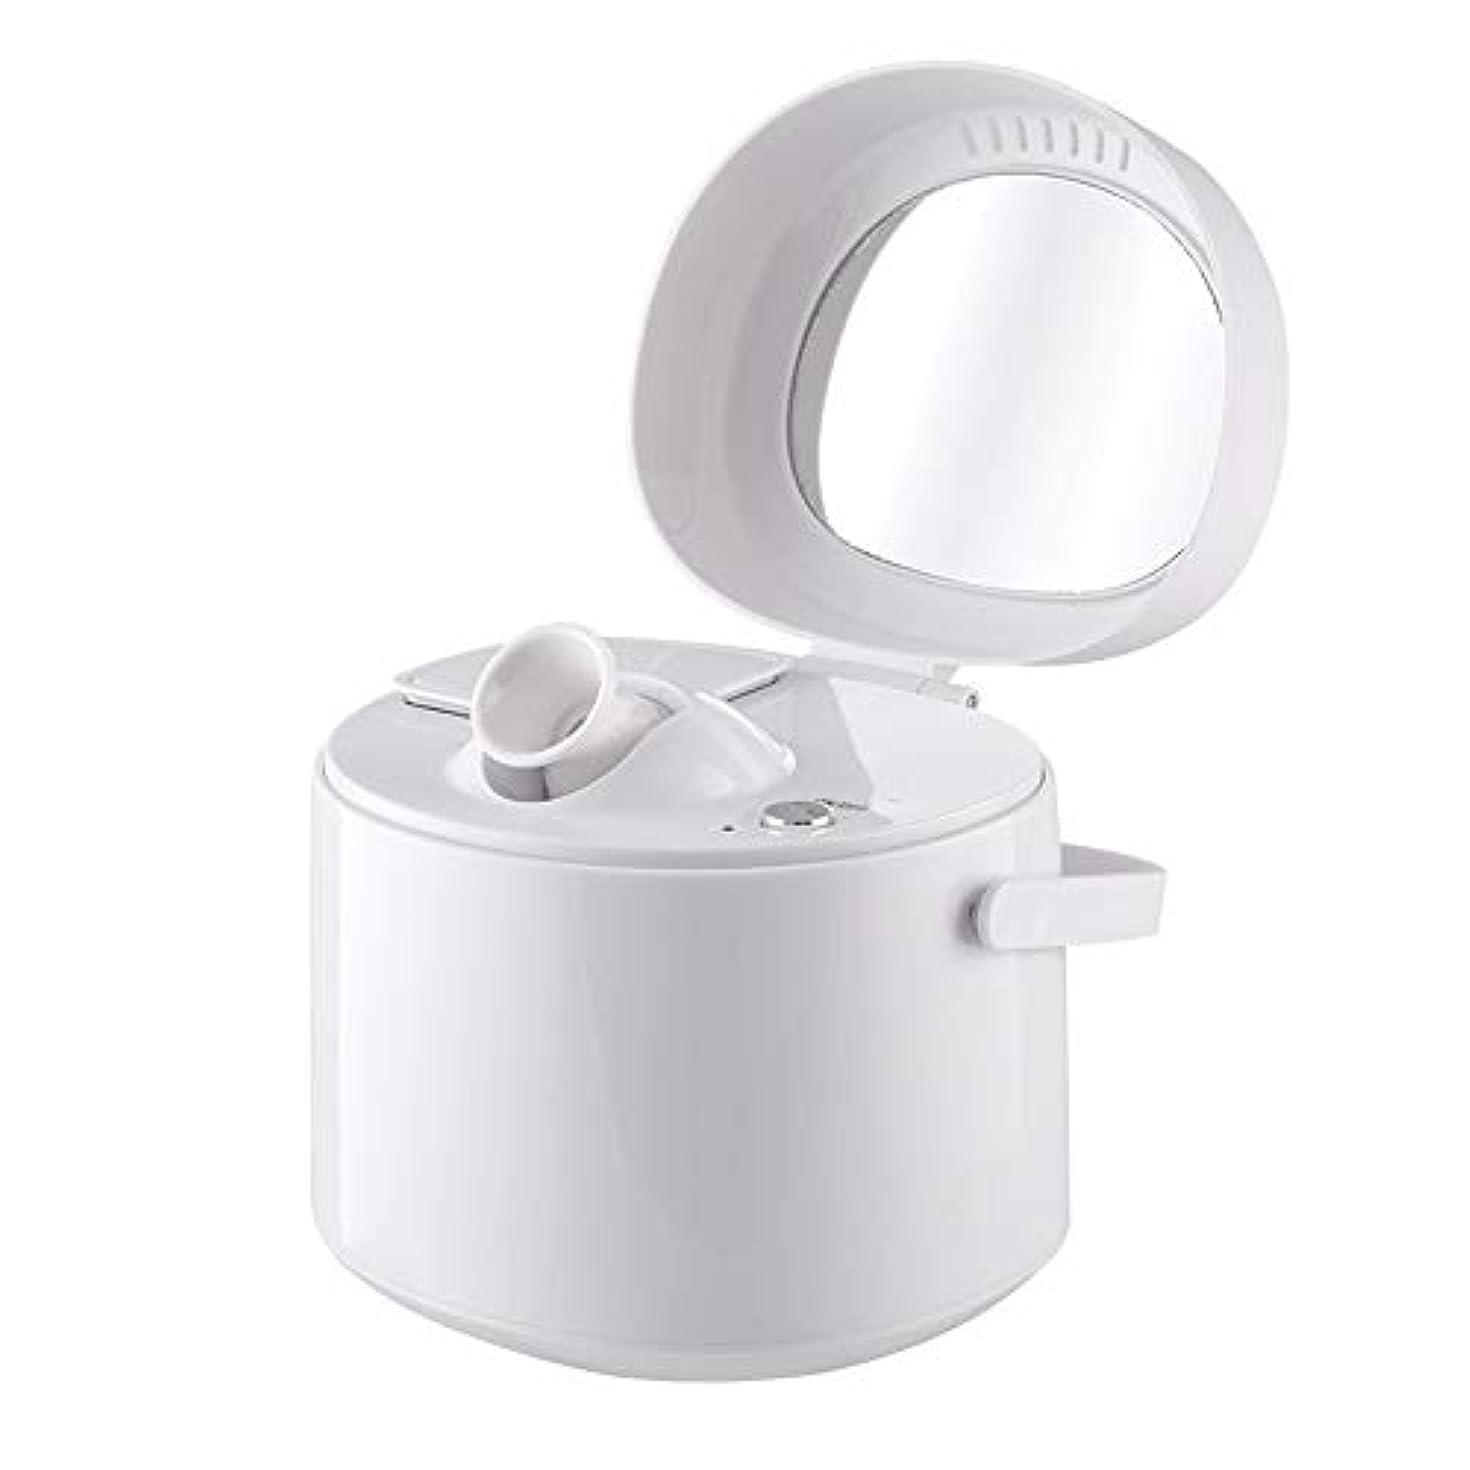 壊滅的なダースポーズZXF ホットスプレースチームフェイス美容器具ホームナノイオン保湿スプレー美容器具美容ミラーホワイト 滑らかである